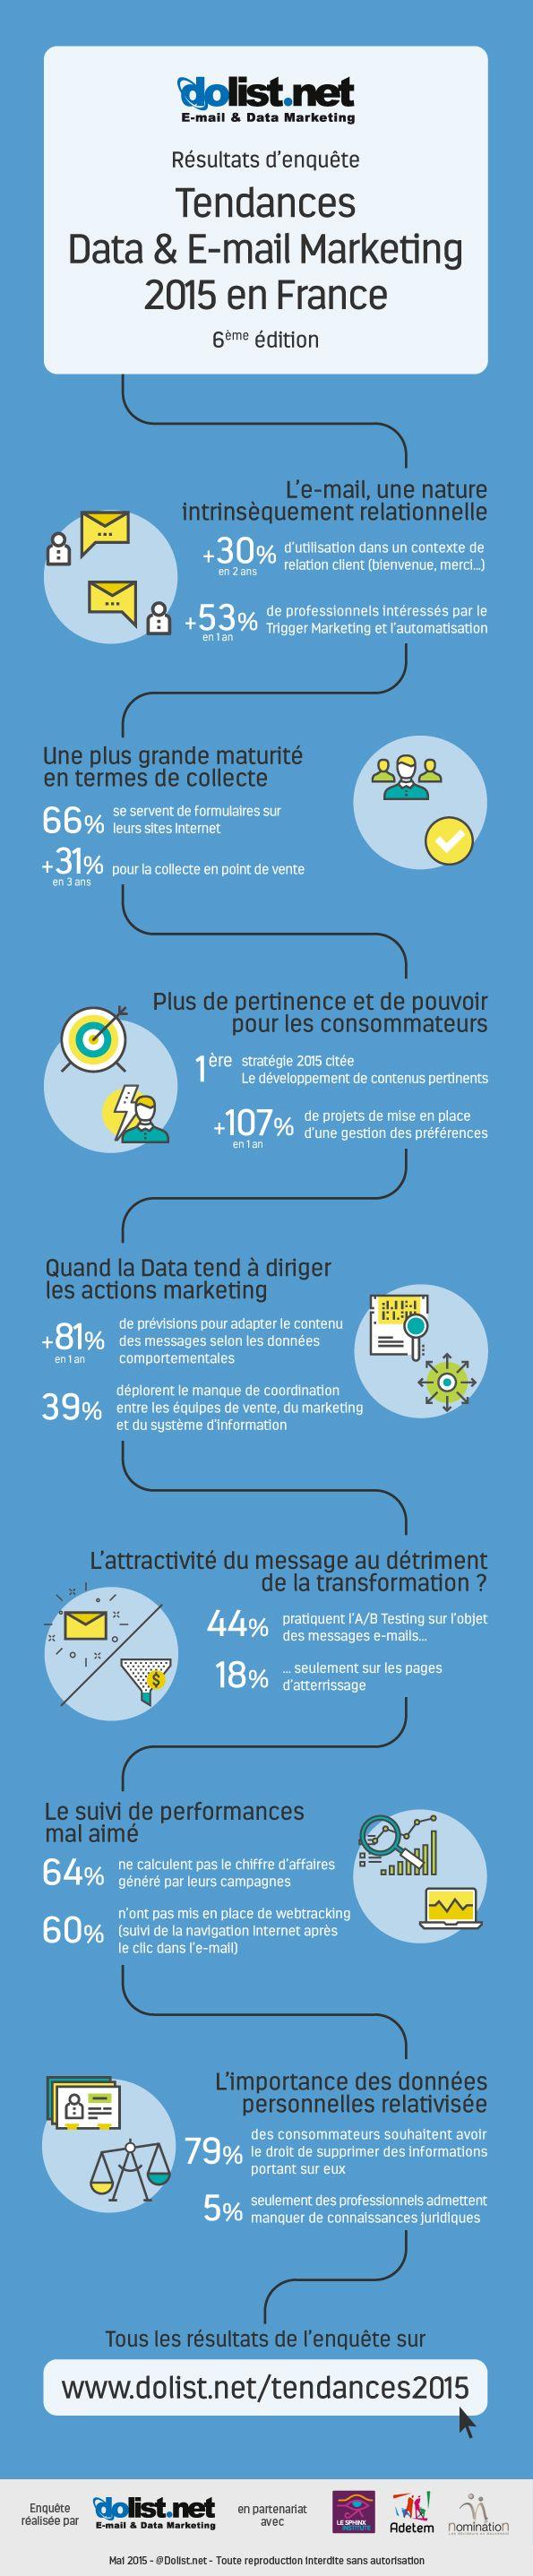 Enquête Tendances Data & E-mail Marketing 2015 en France : Les grands enseignements